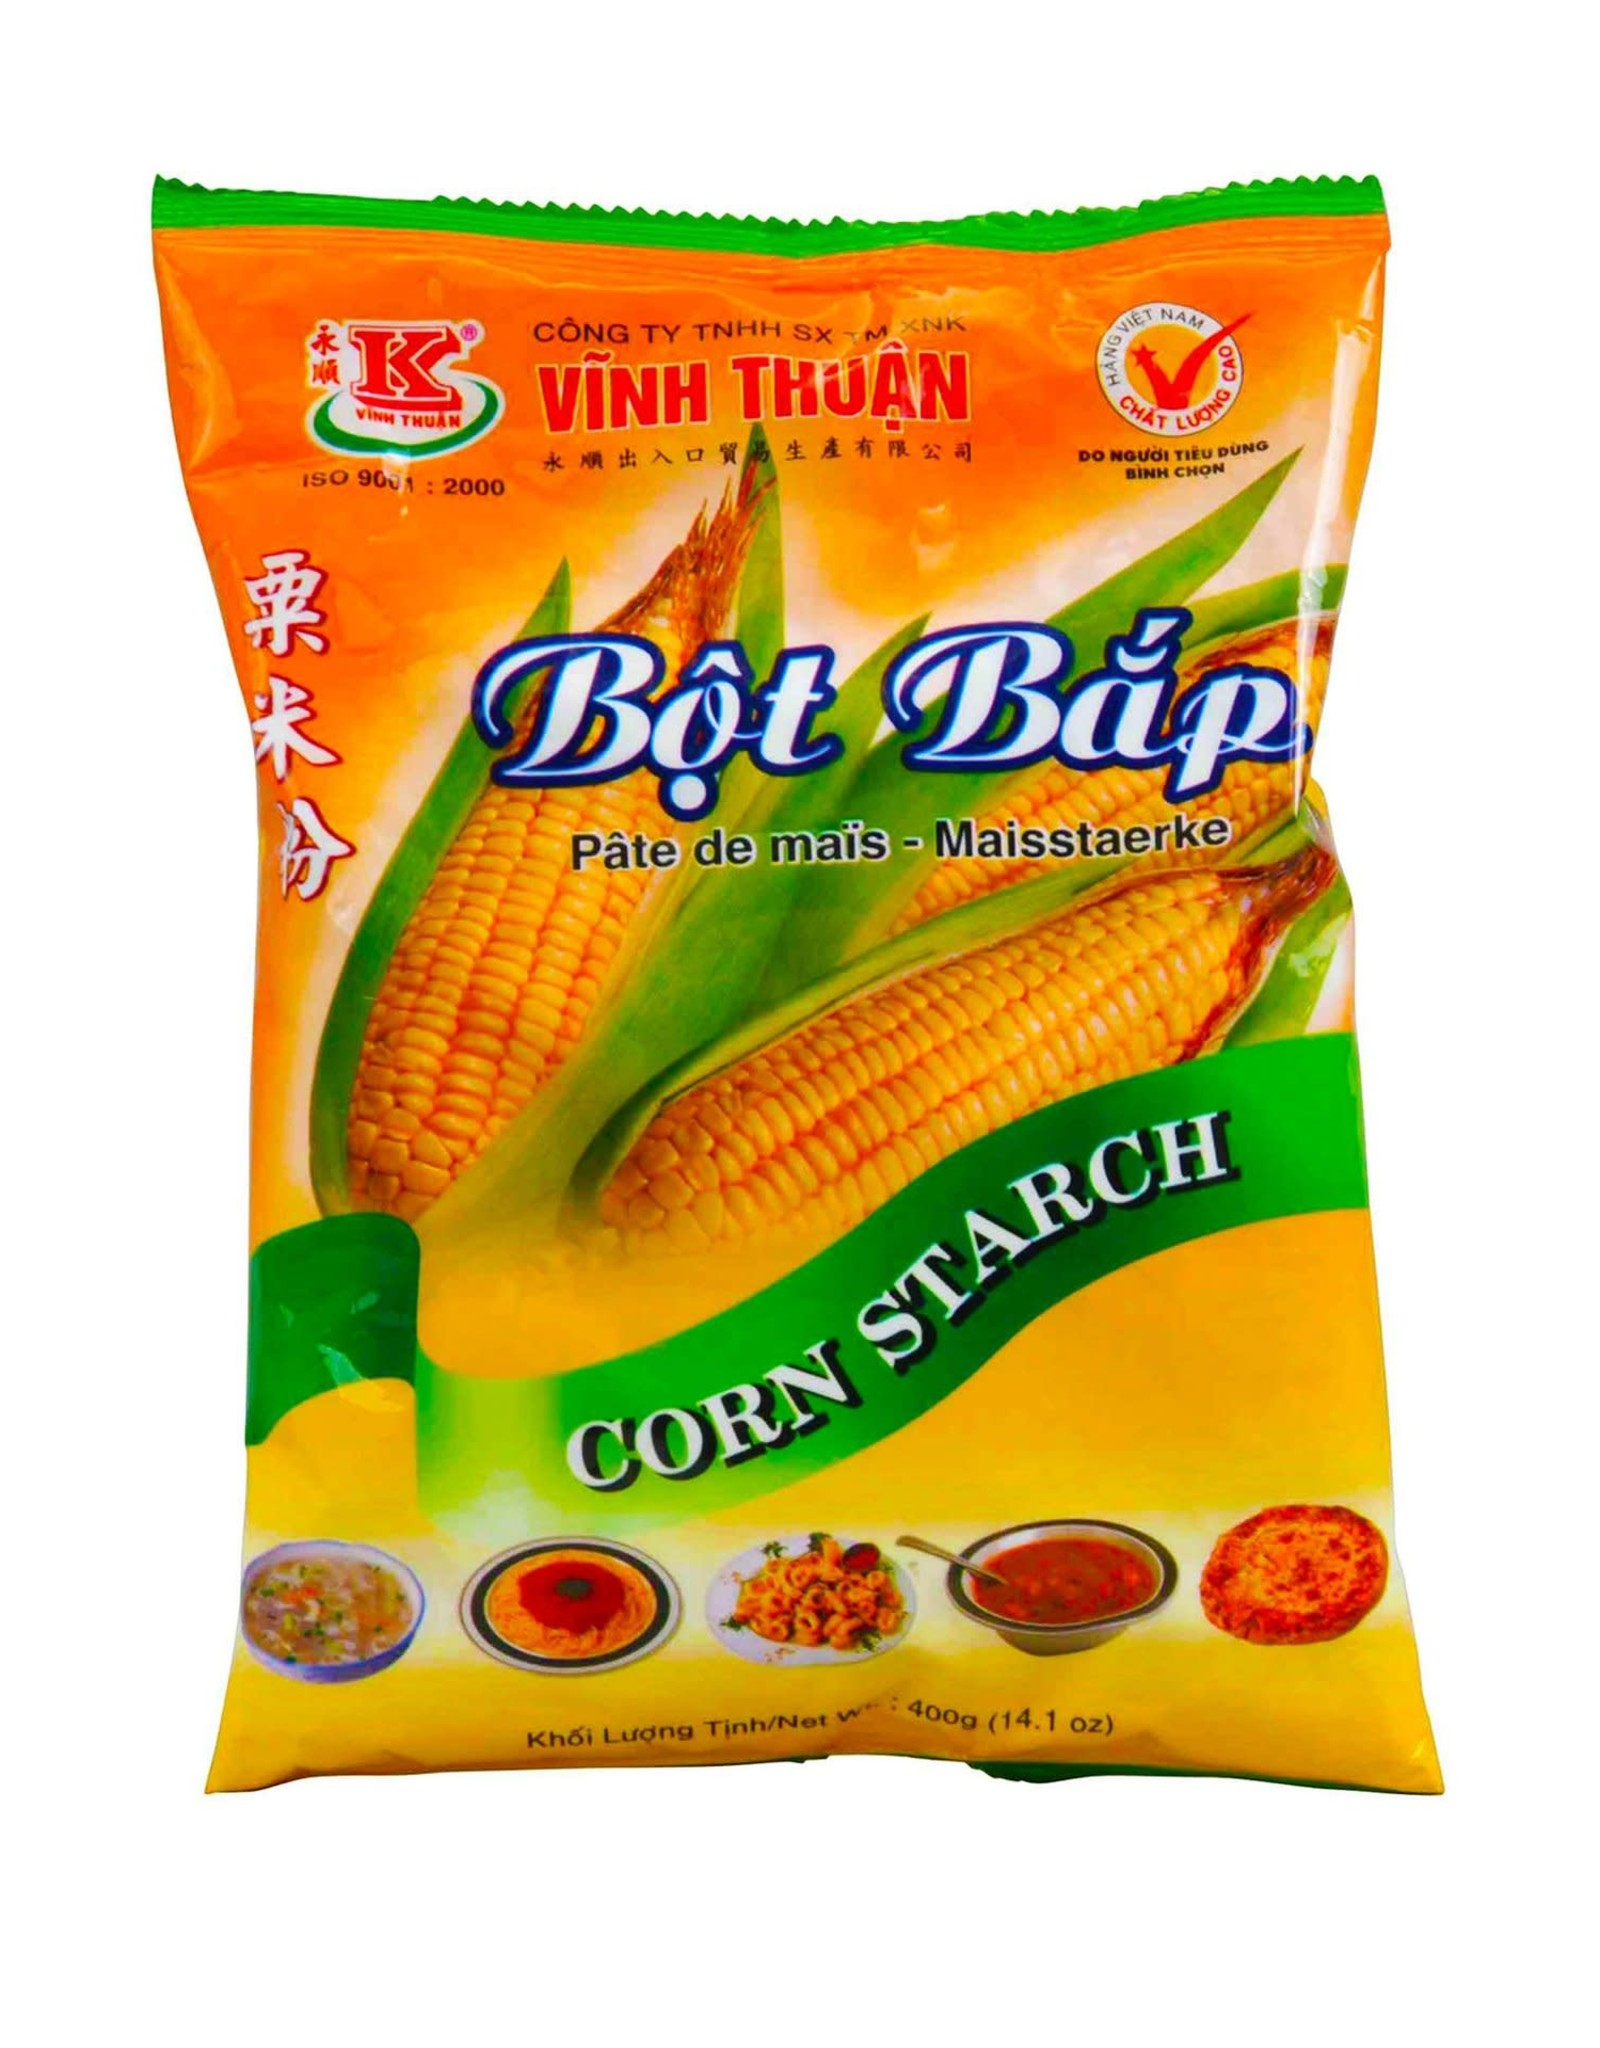 Vinh Thuan Bột Bắp Vĩnh Thuận 400g